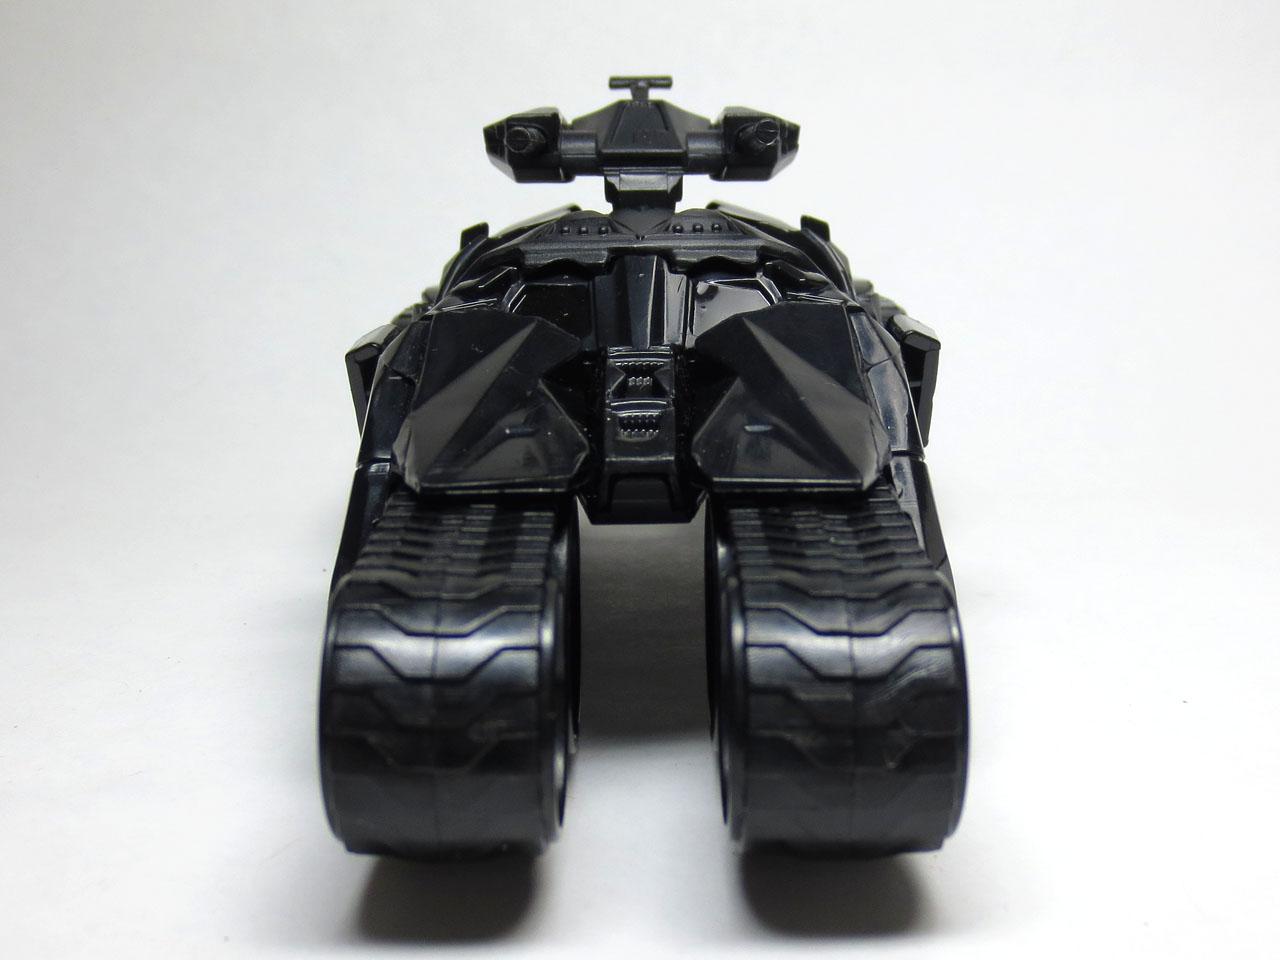 HW_custom_motors_batmobile_4th_26.jpg